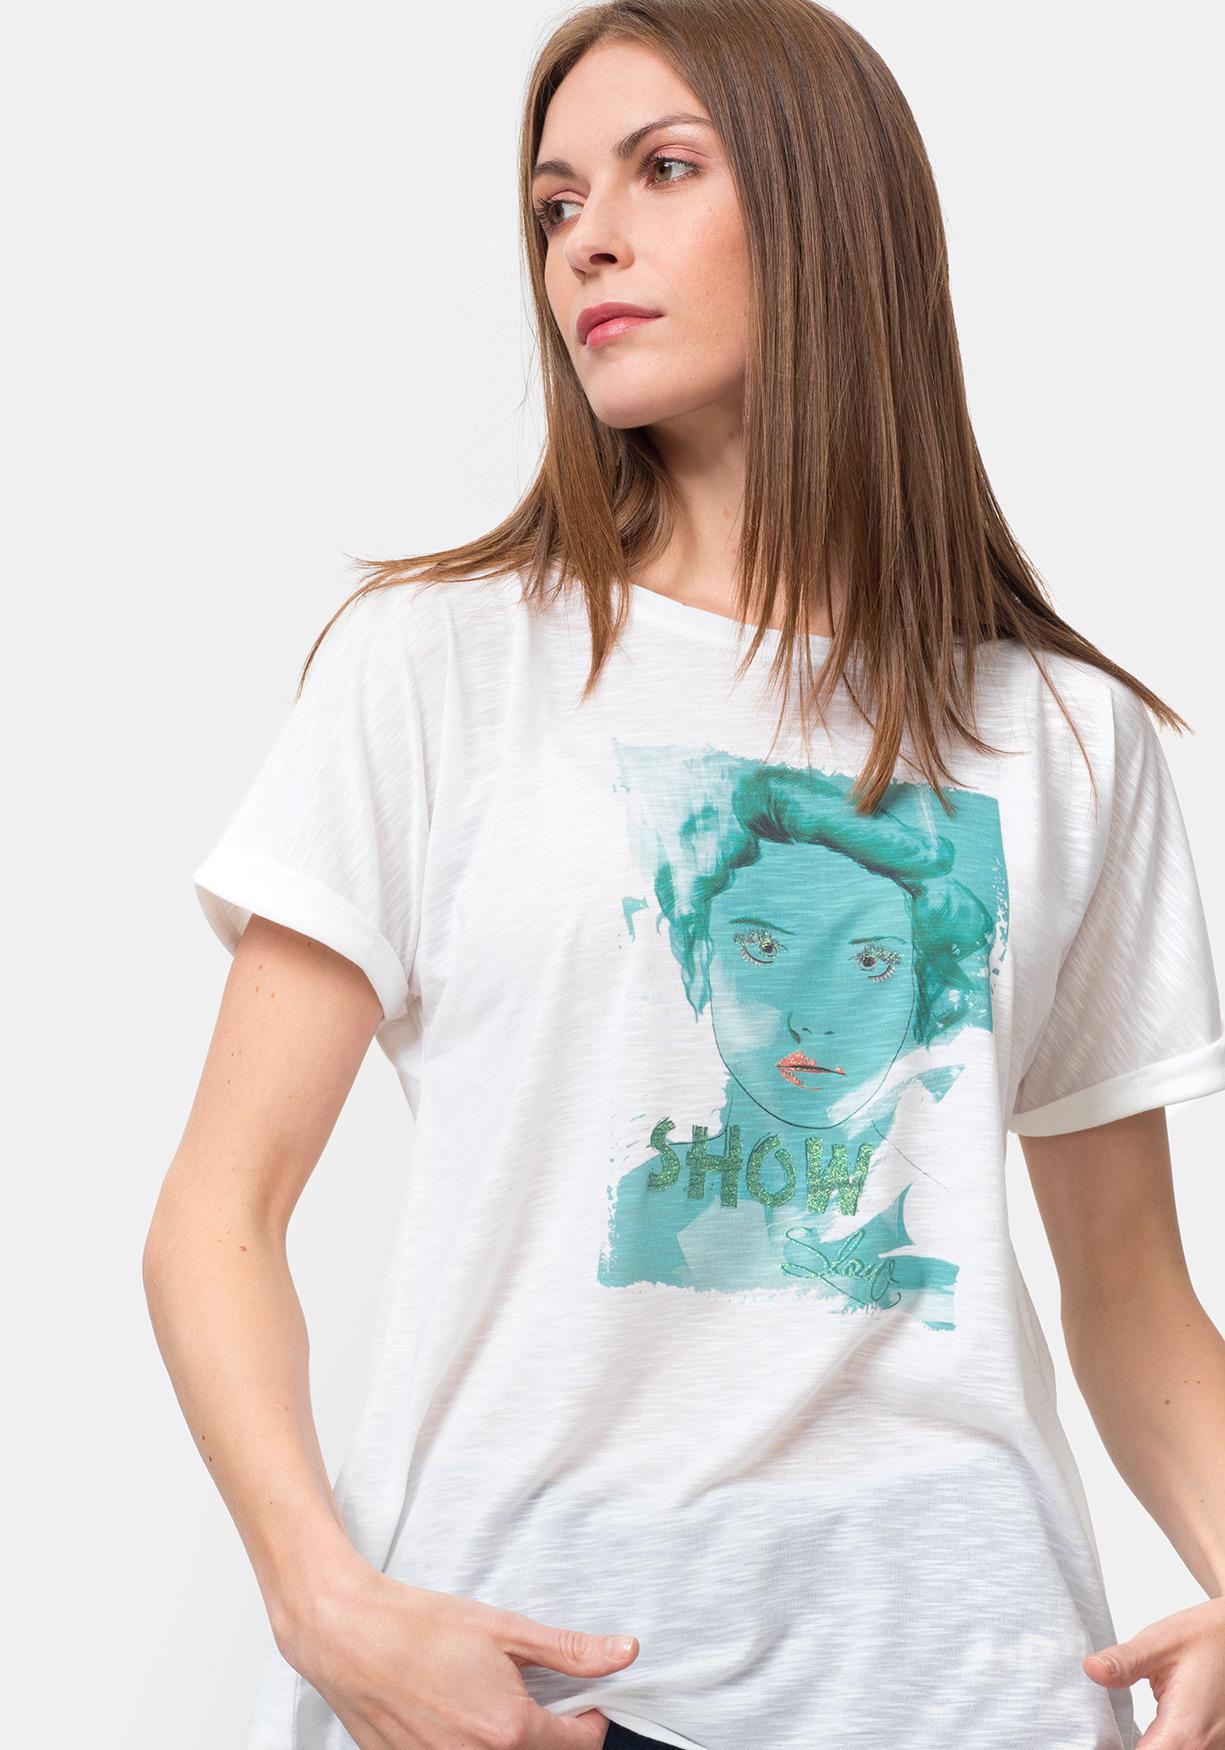 c6576c2bf4 Comprar Camiseta de manga corta TEX. ¡Aprovéchate de nuestros ...